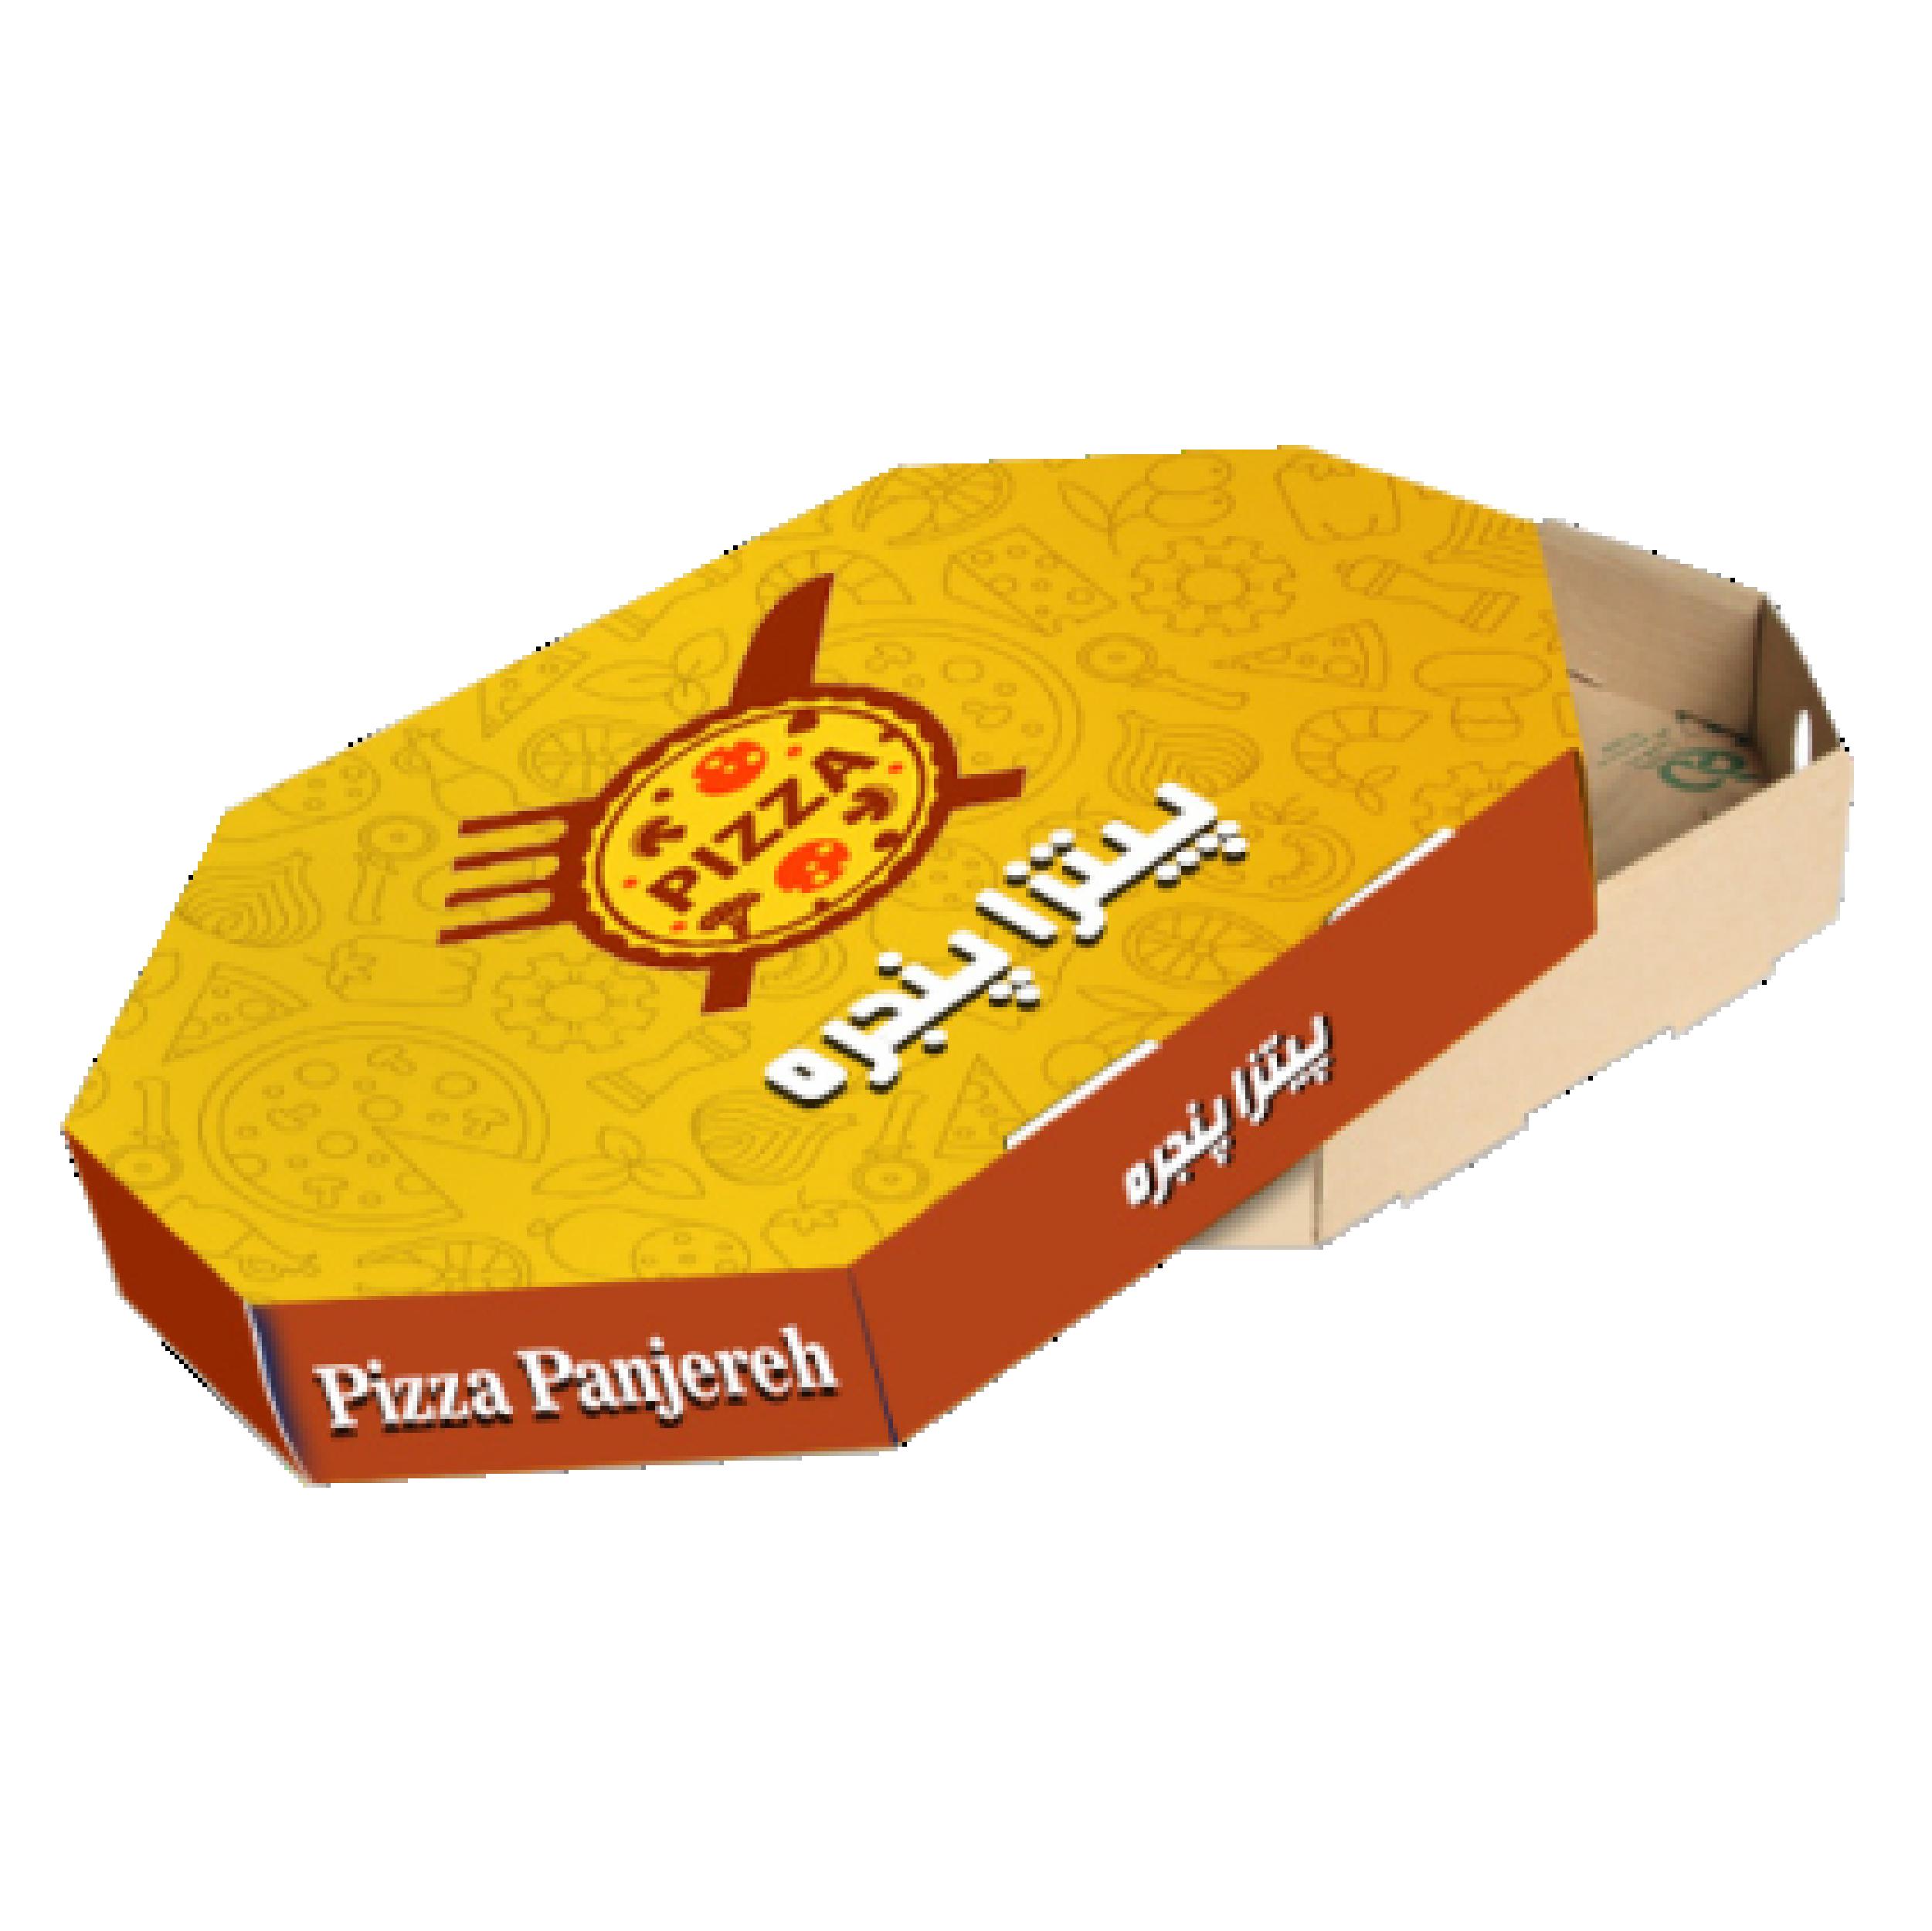 جعبه پیتزا هشت ضلعی 0۲ - جعبه پیتزا - تولید کننده جعبه پیتزا ارزان و با کیفیت